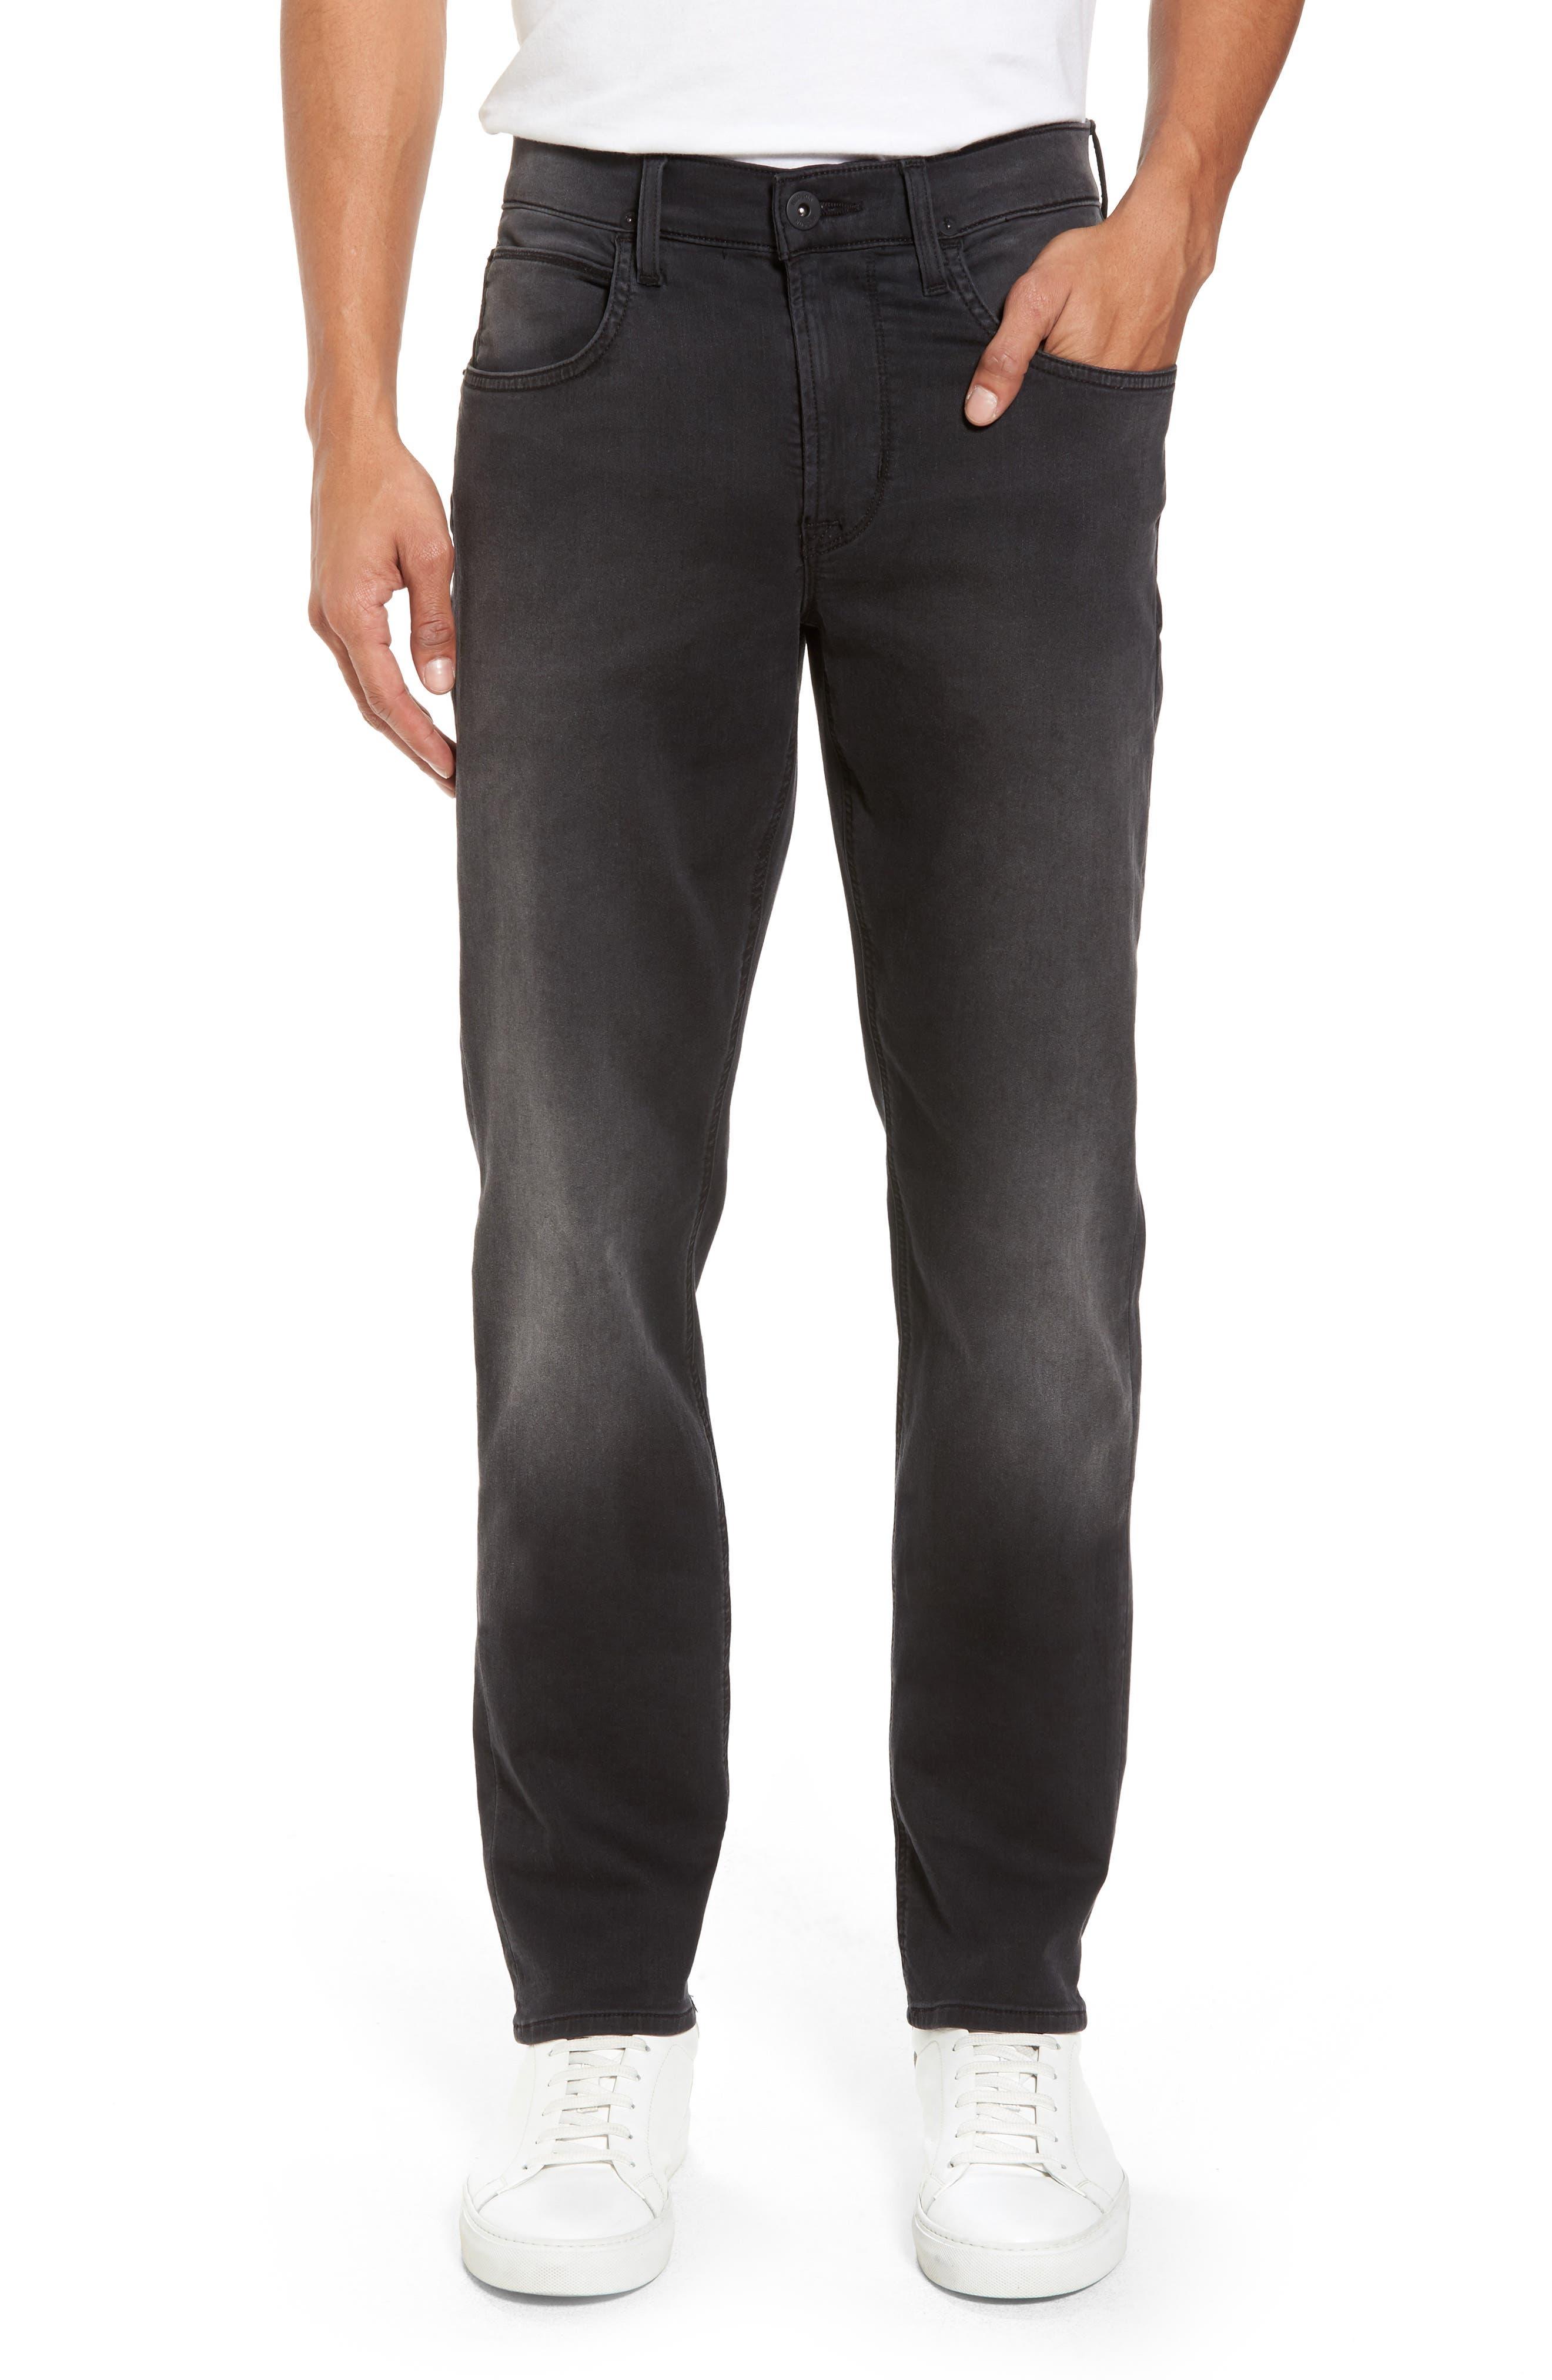 Blake Slim Fit Jeans,                         Main,                         color, Manual